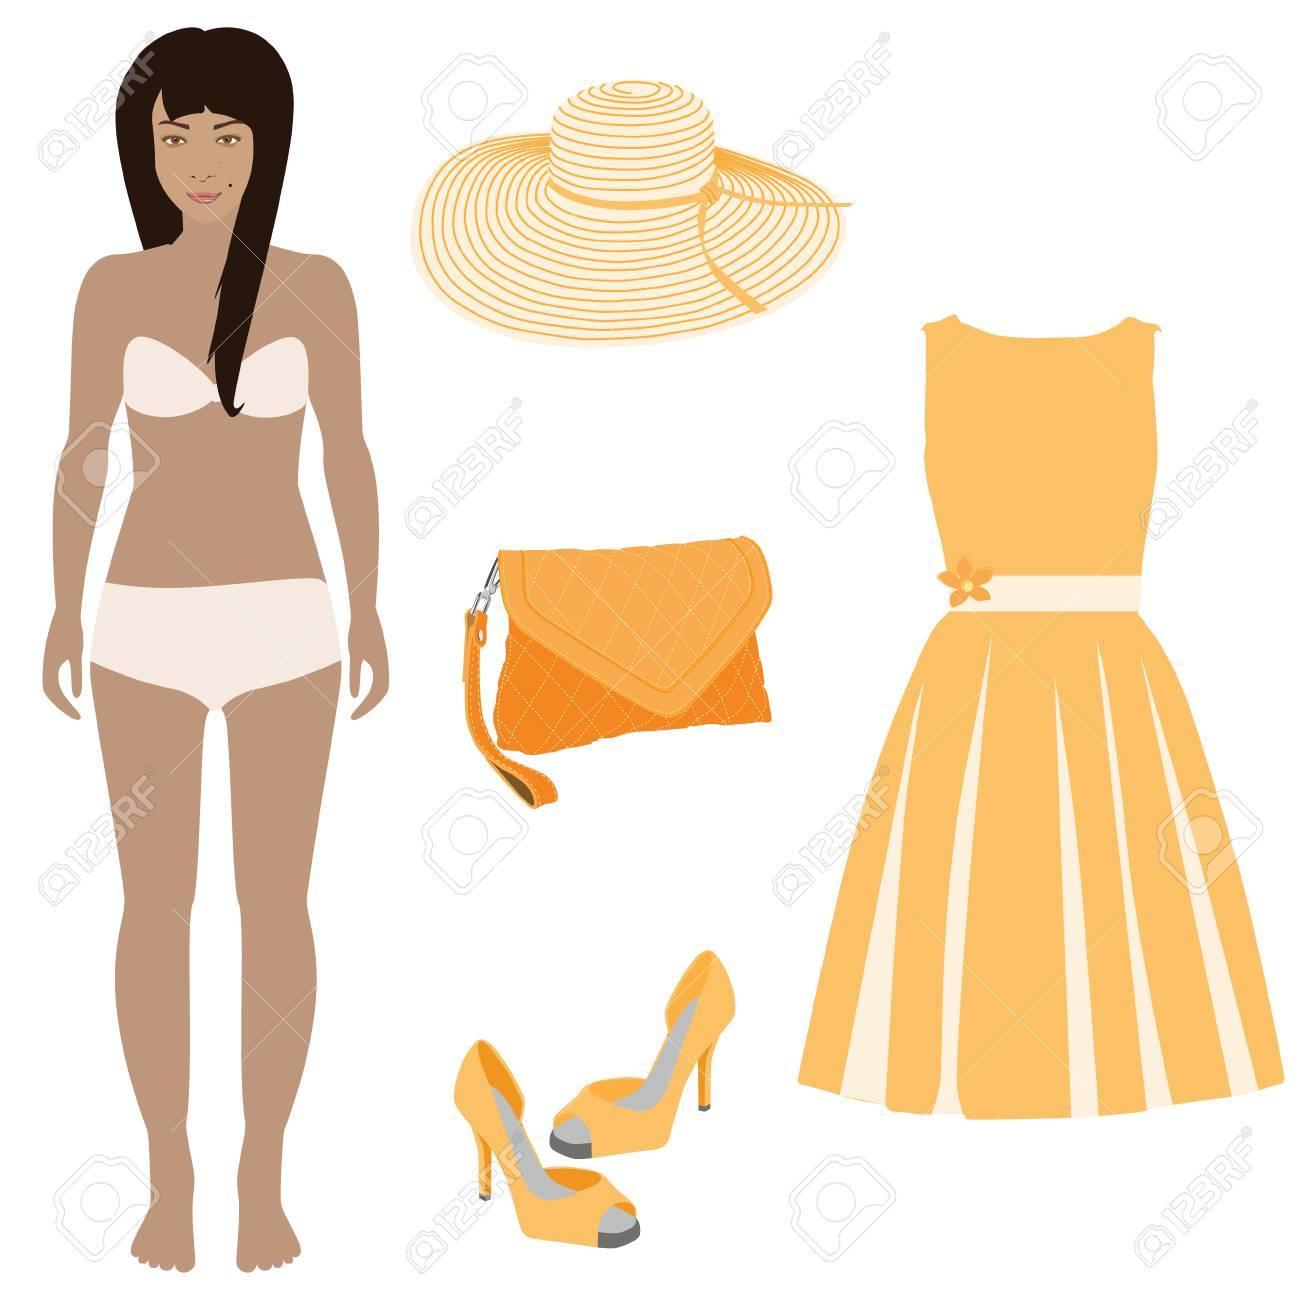 De Vestir Hermosa Muñeca De Papel Femenino Listo Para Cortar Y Jugar Ilustración De La Trama Naranja Vestir Bolsos Zapatos Y Sombrero De Verano